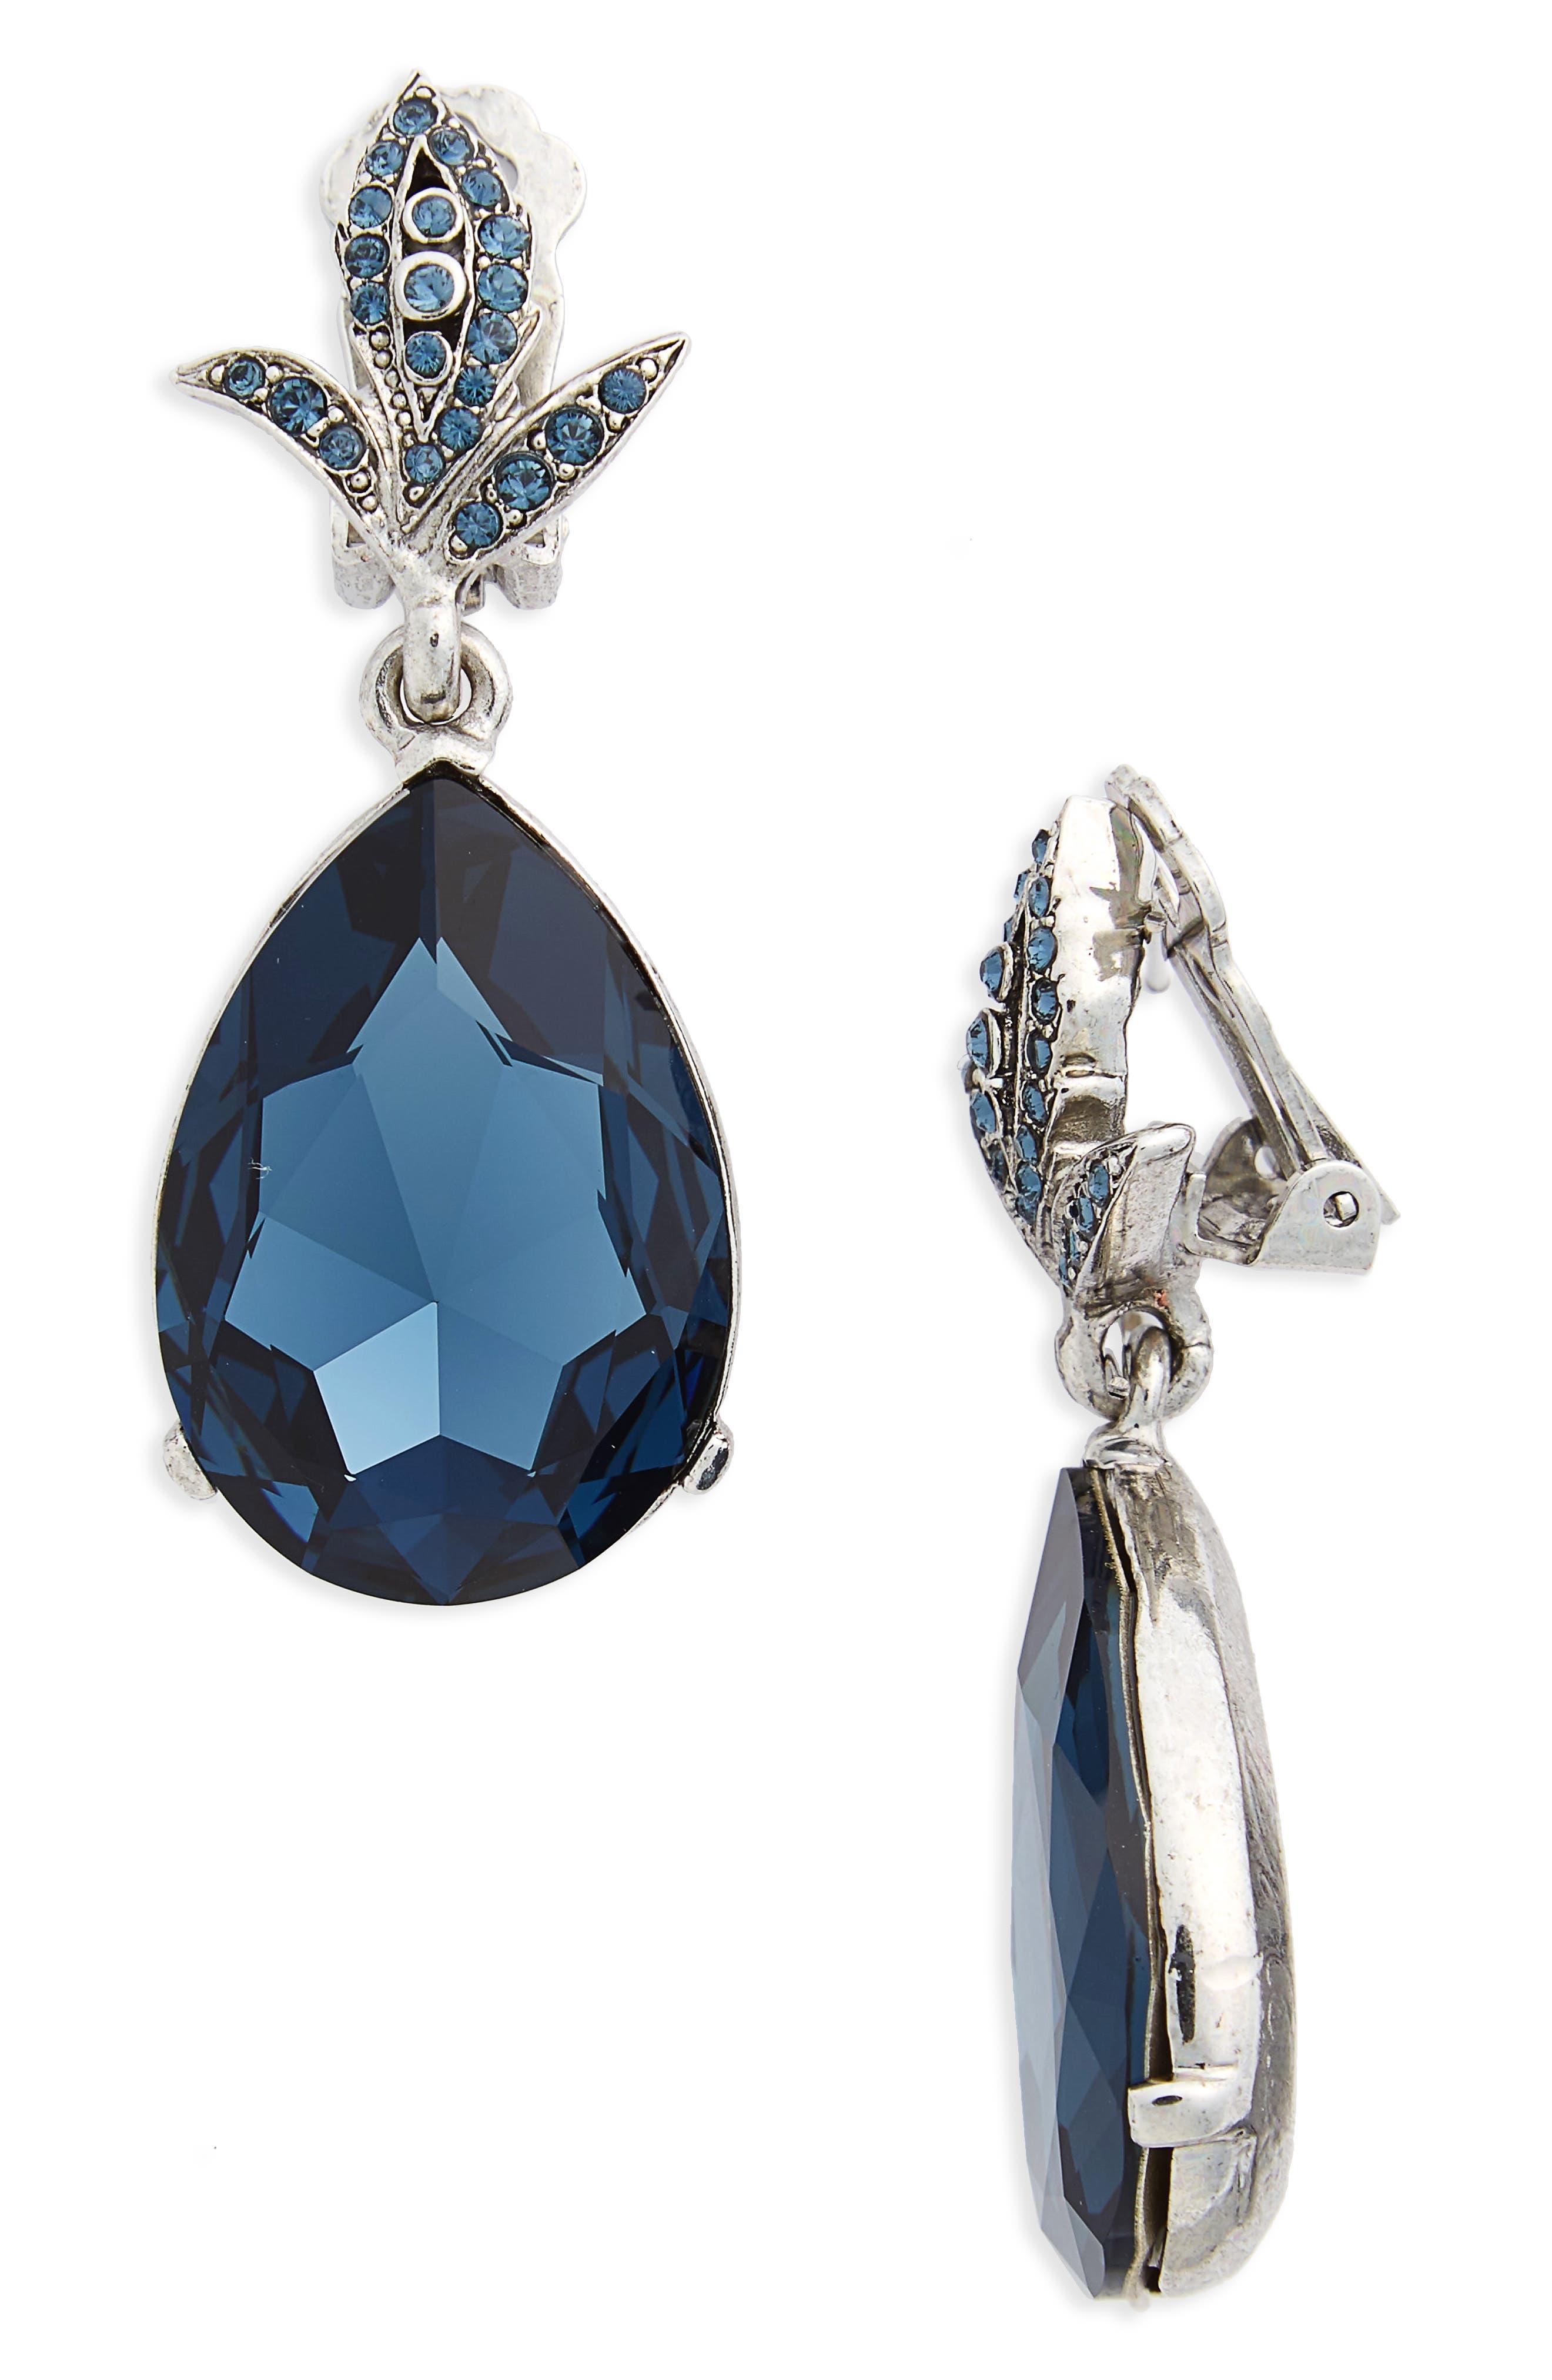 Oscar de la Renta Crystal Teardrop Clip Earrings